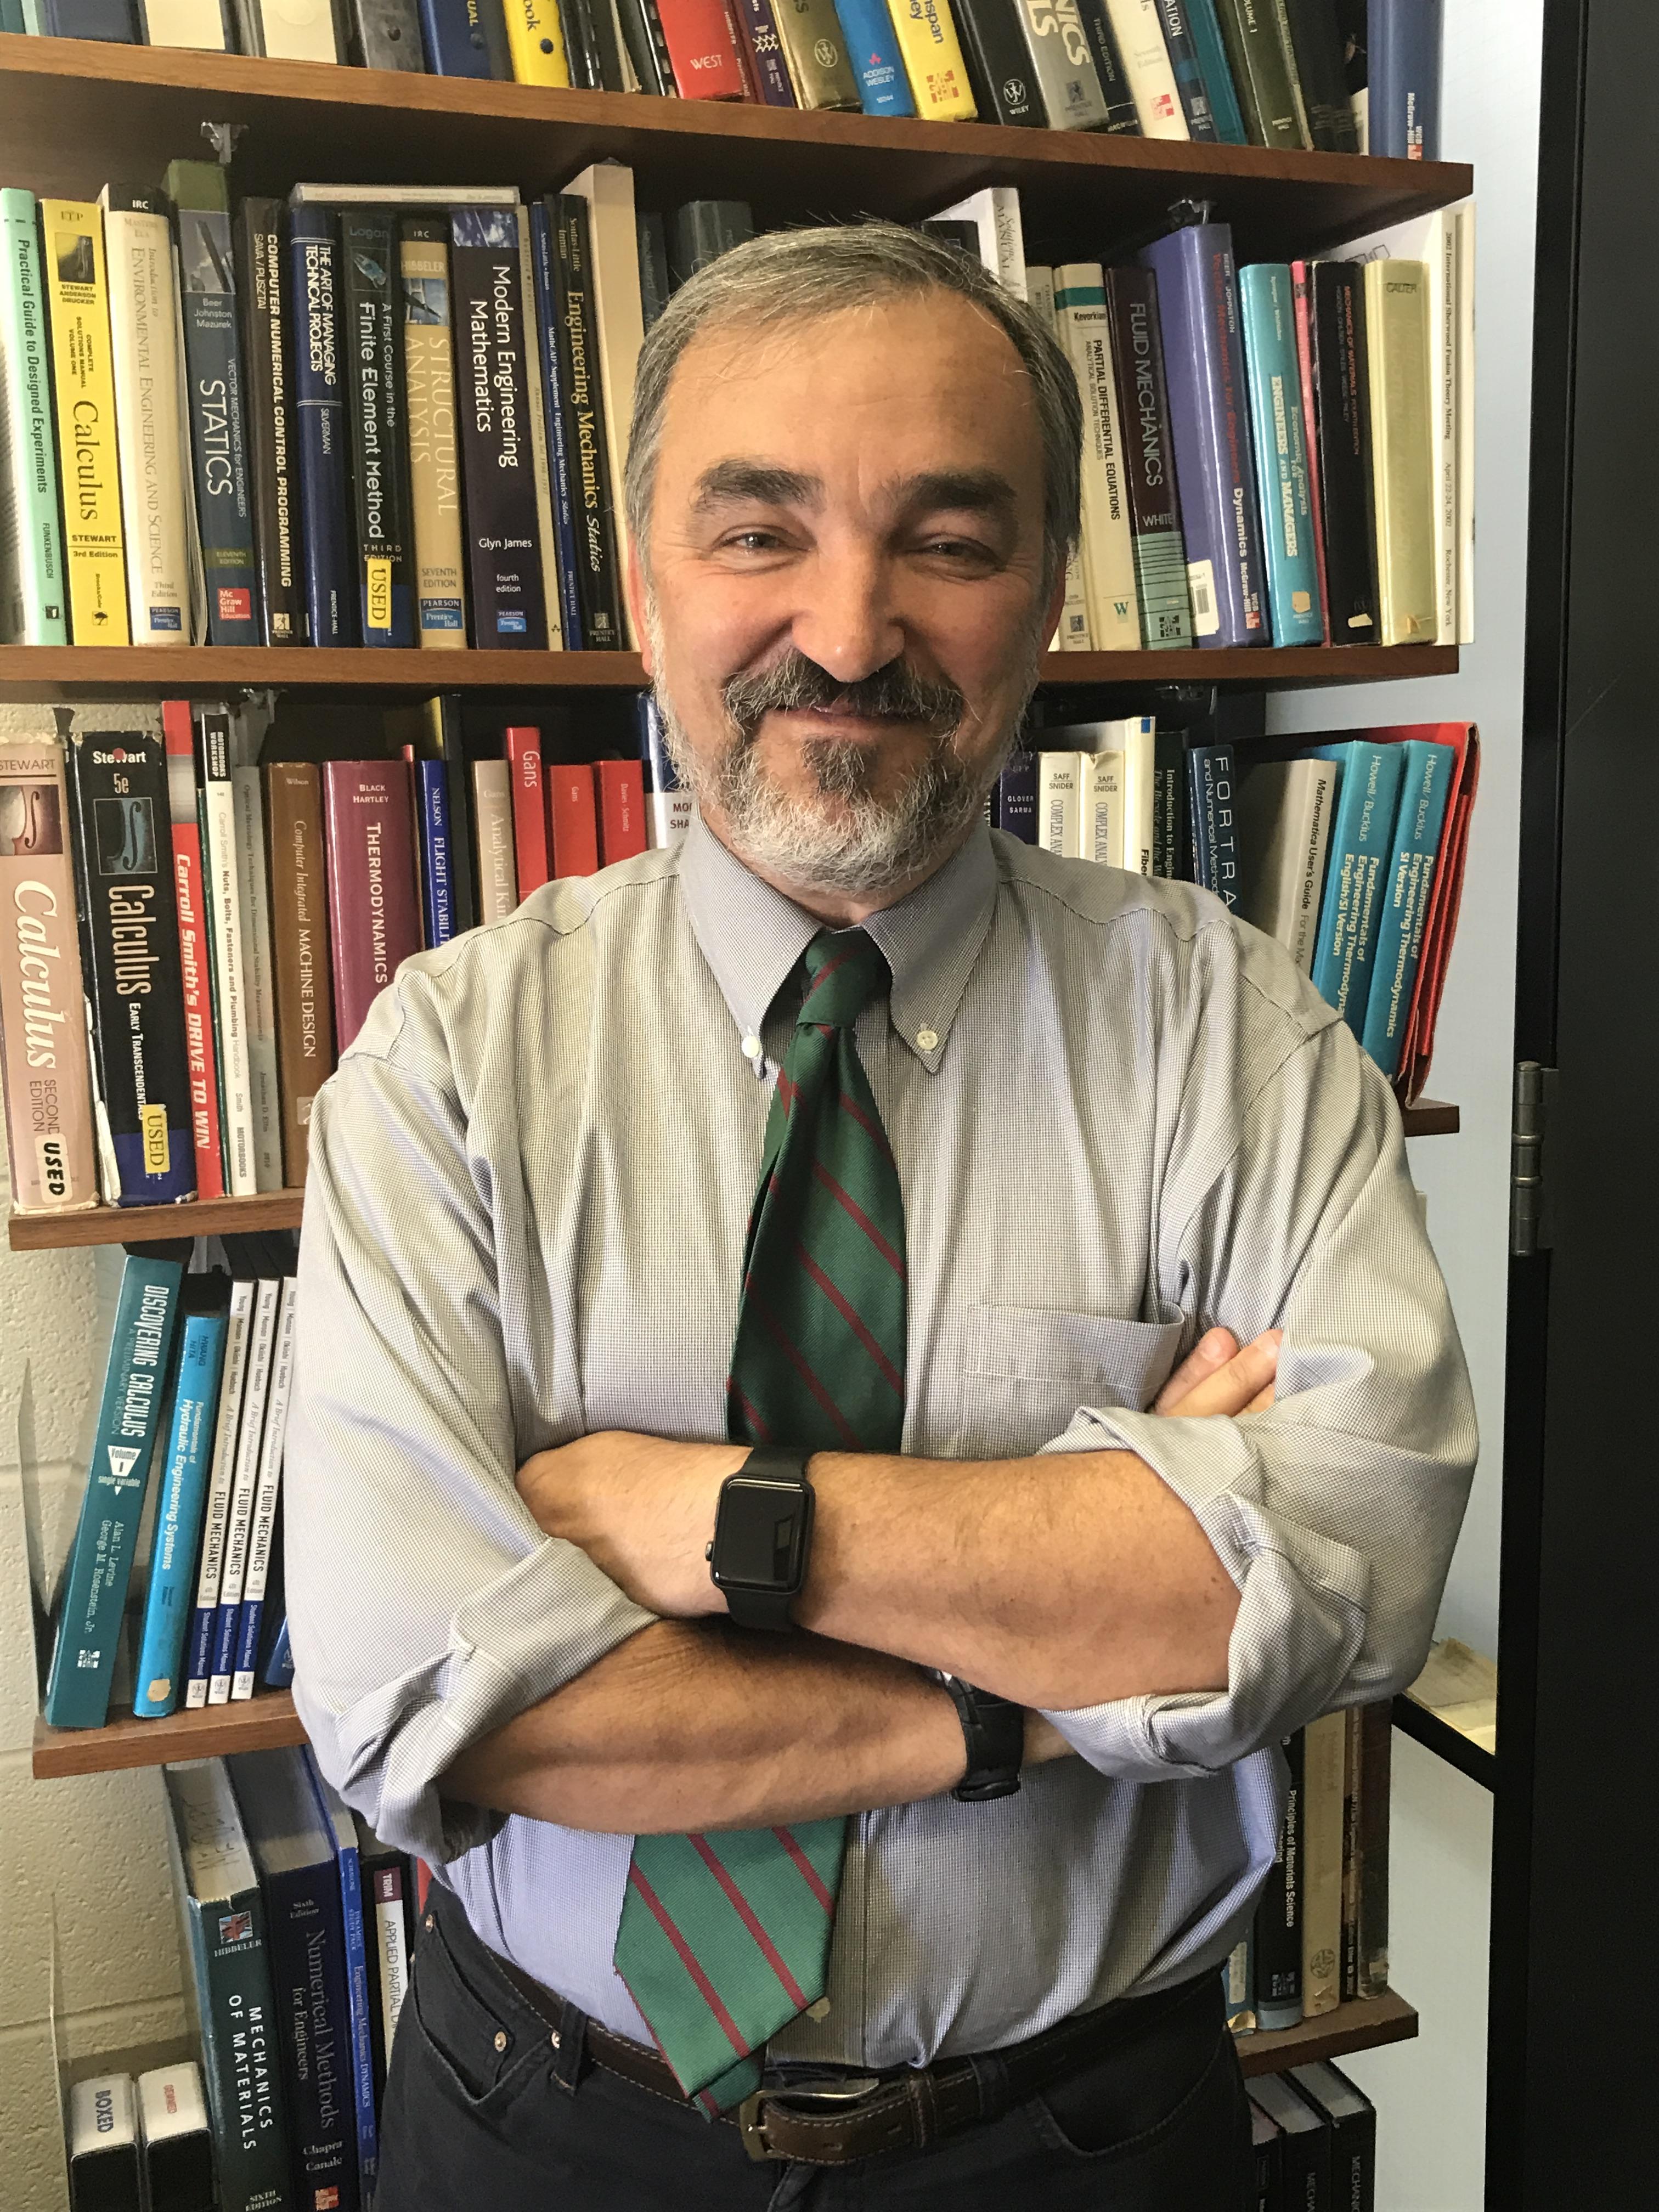 John Lambropoulos